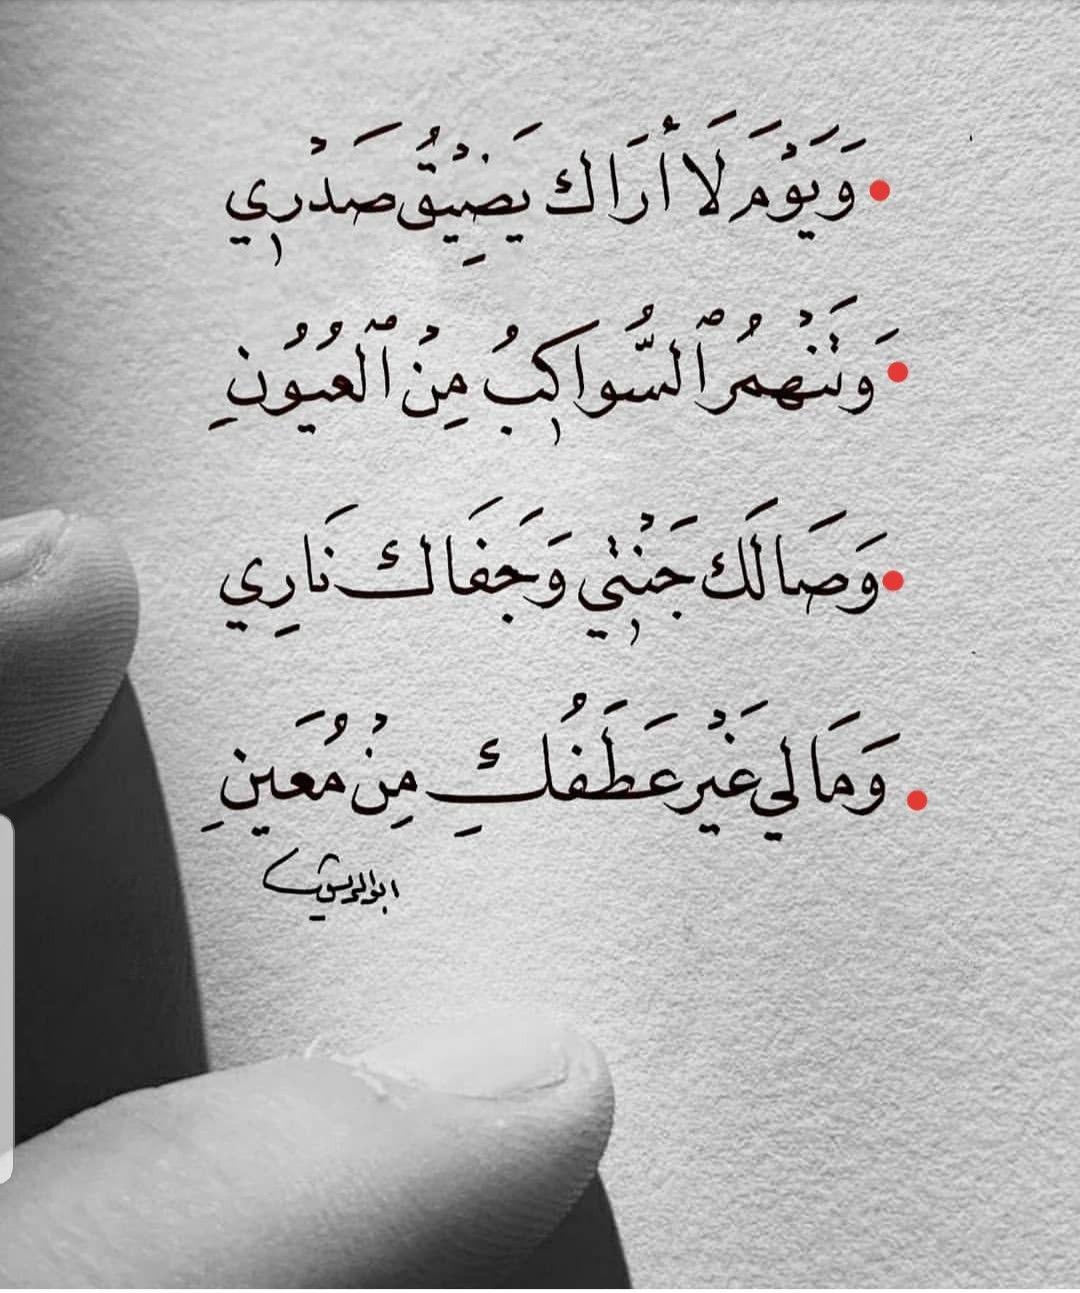 منى الشامسي Love Words Words My Love